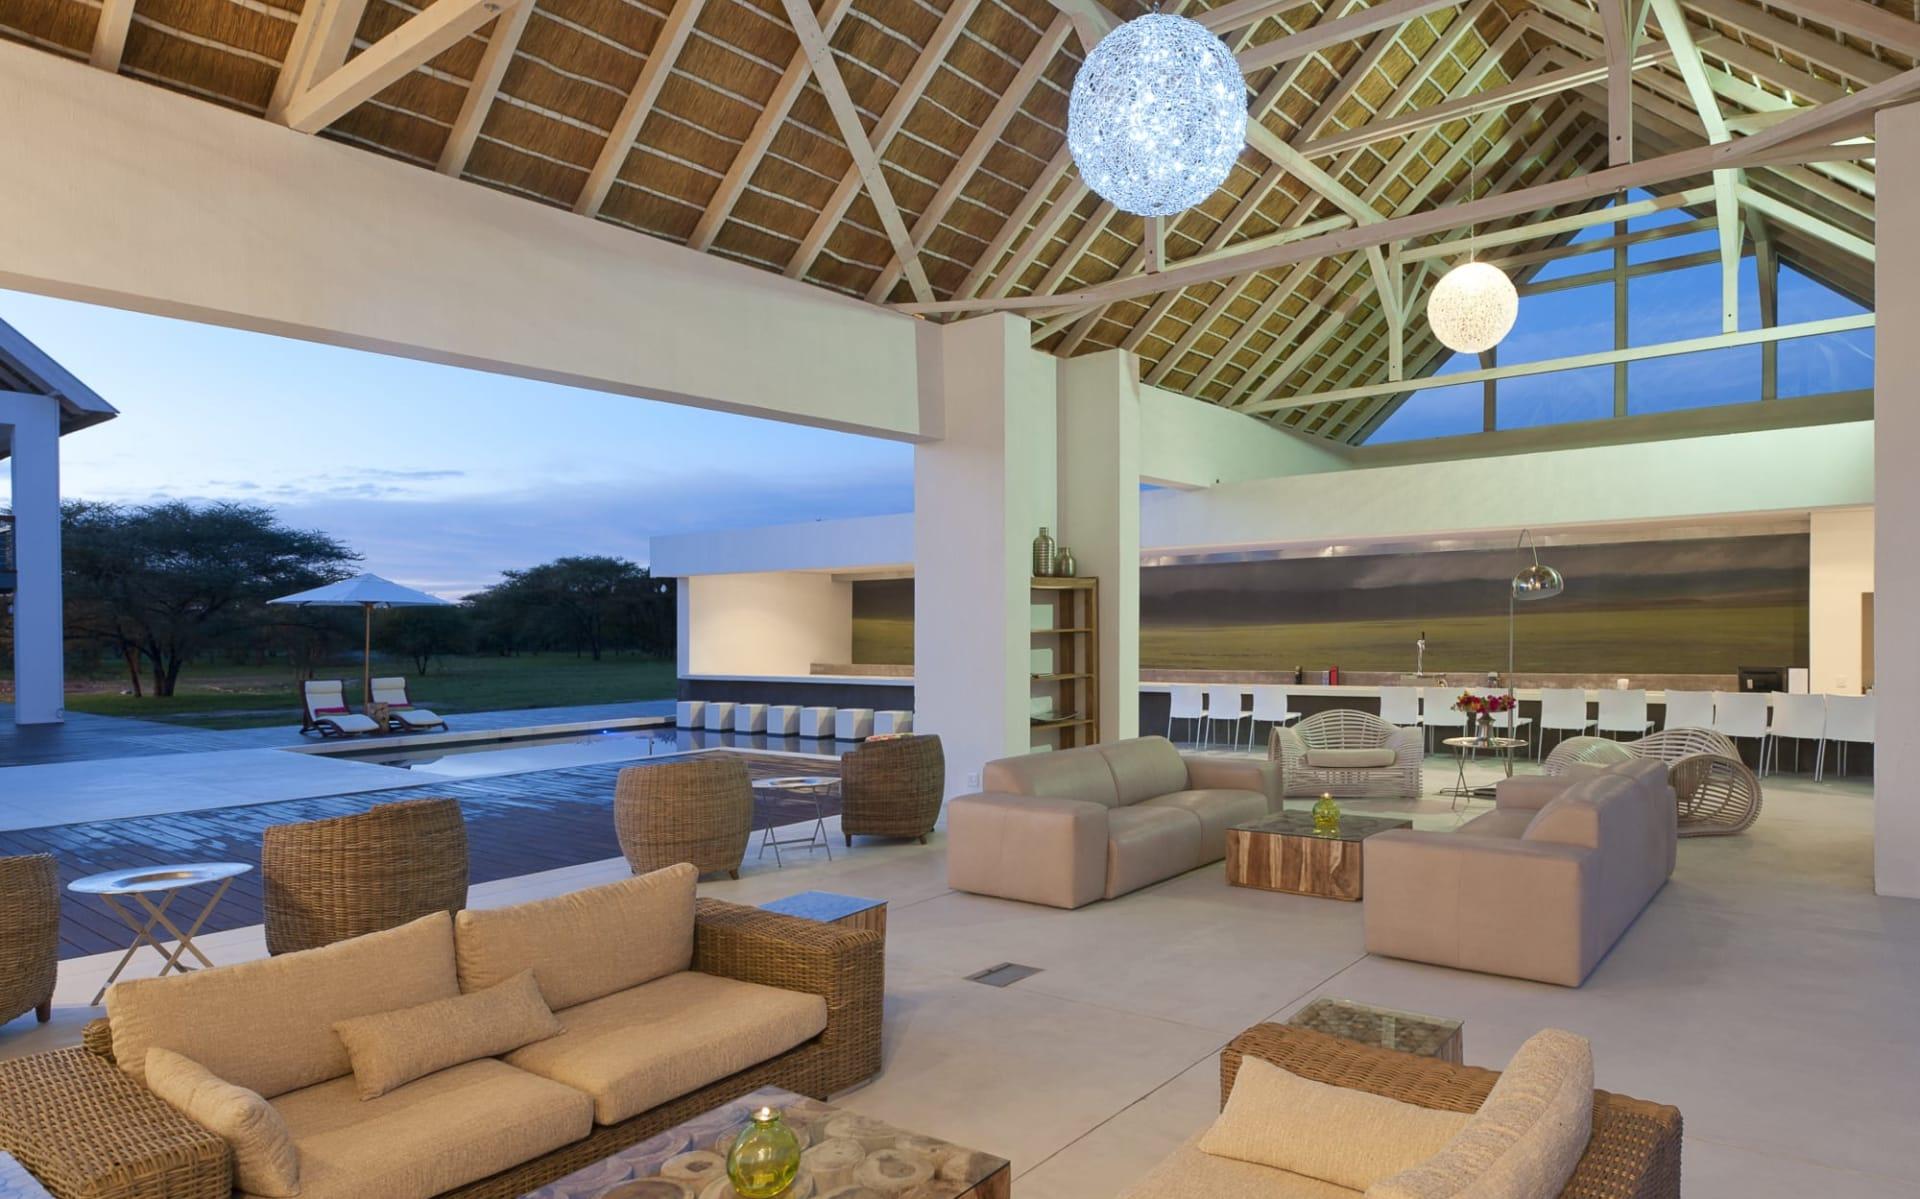 Emanya @ Etosha in Etosha Nationalpark:   Emanya@Etosha - Lounge mit Blick auf Pool